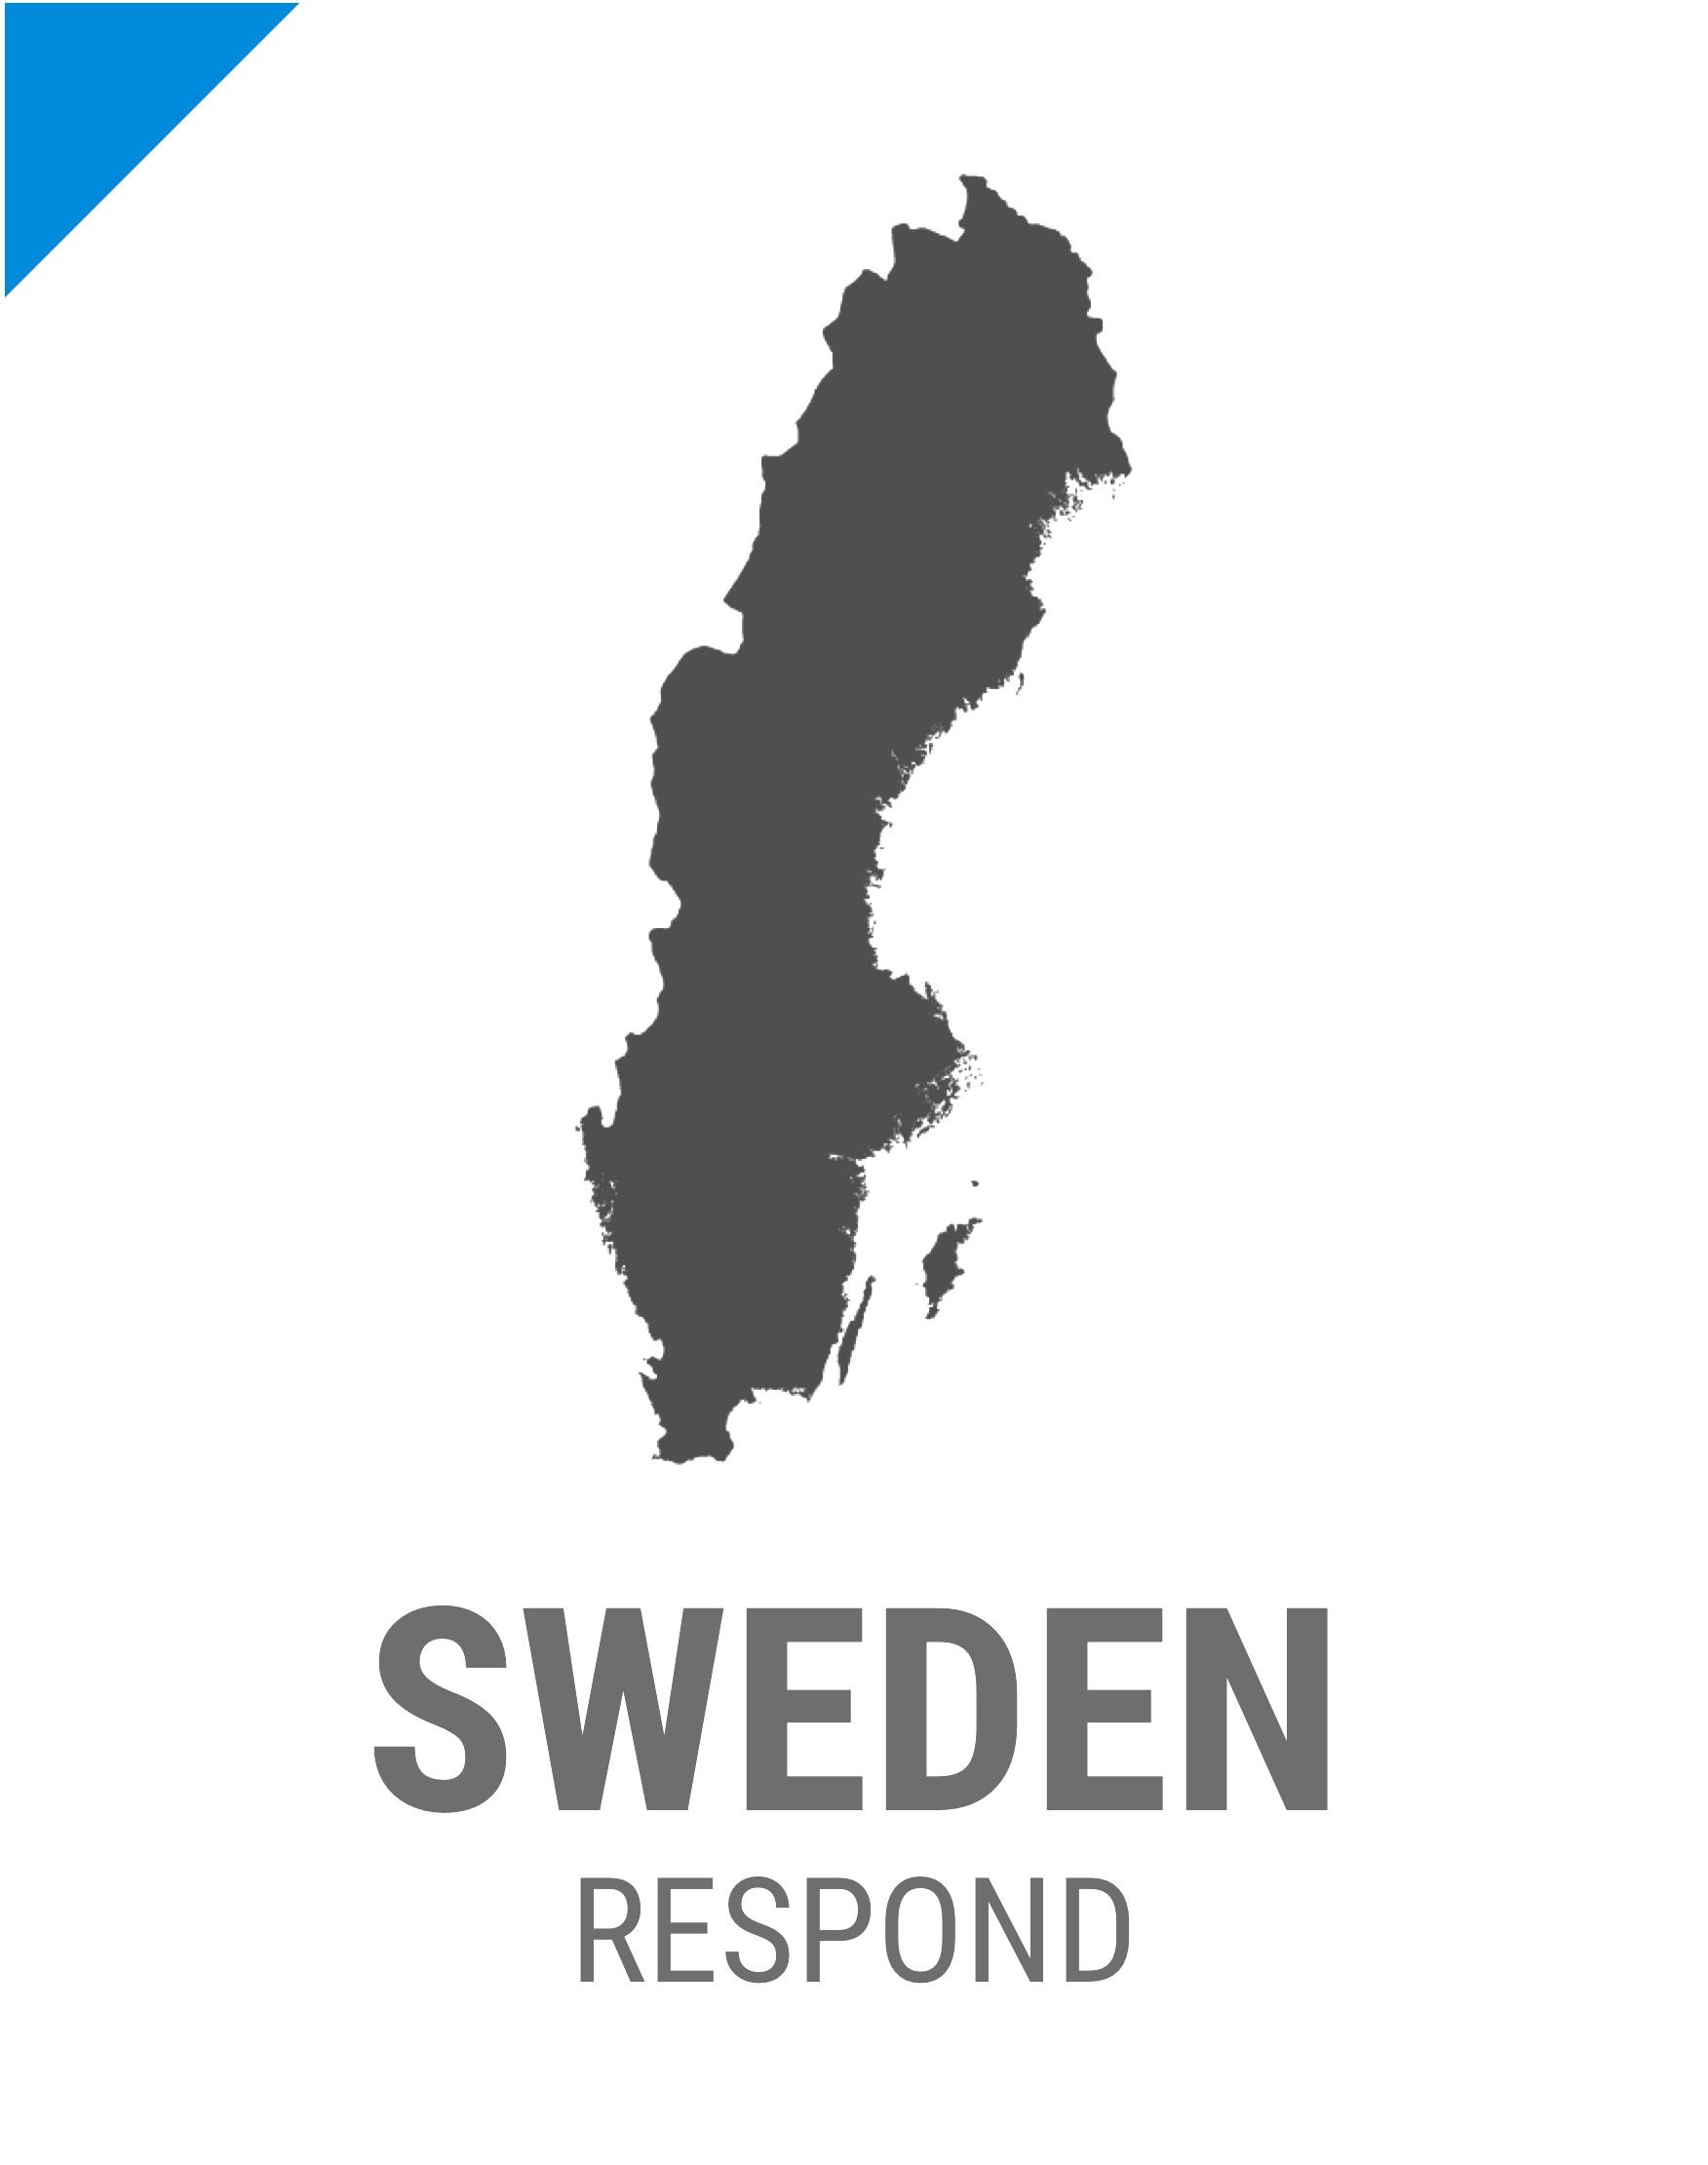 Sweden+Image